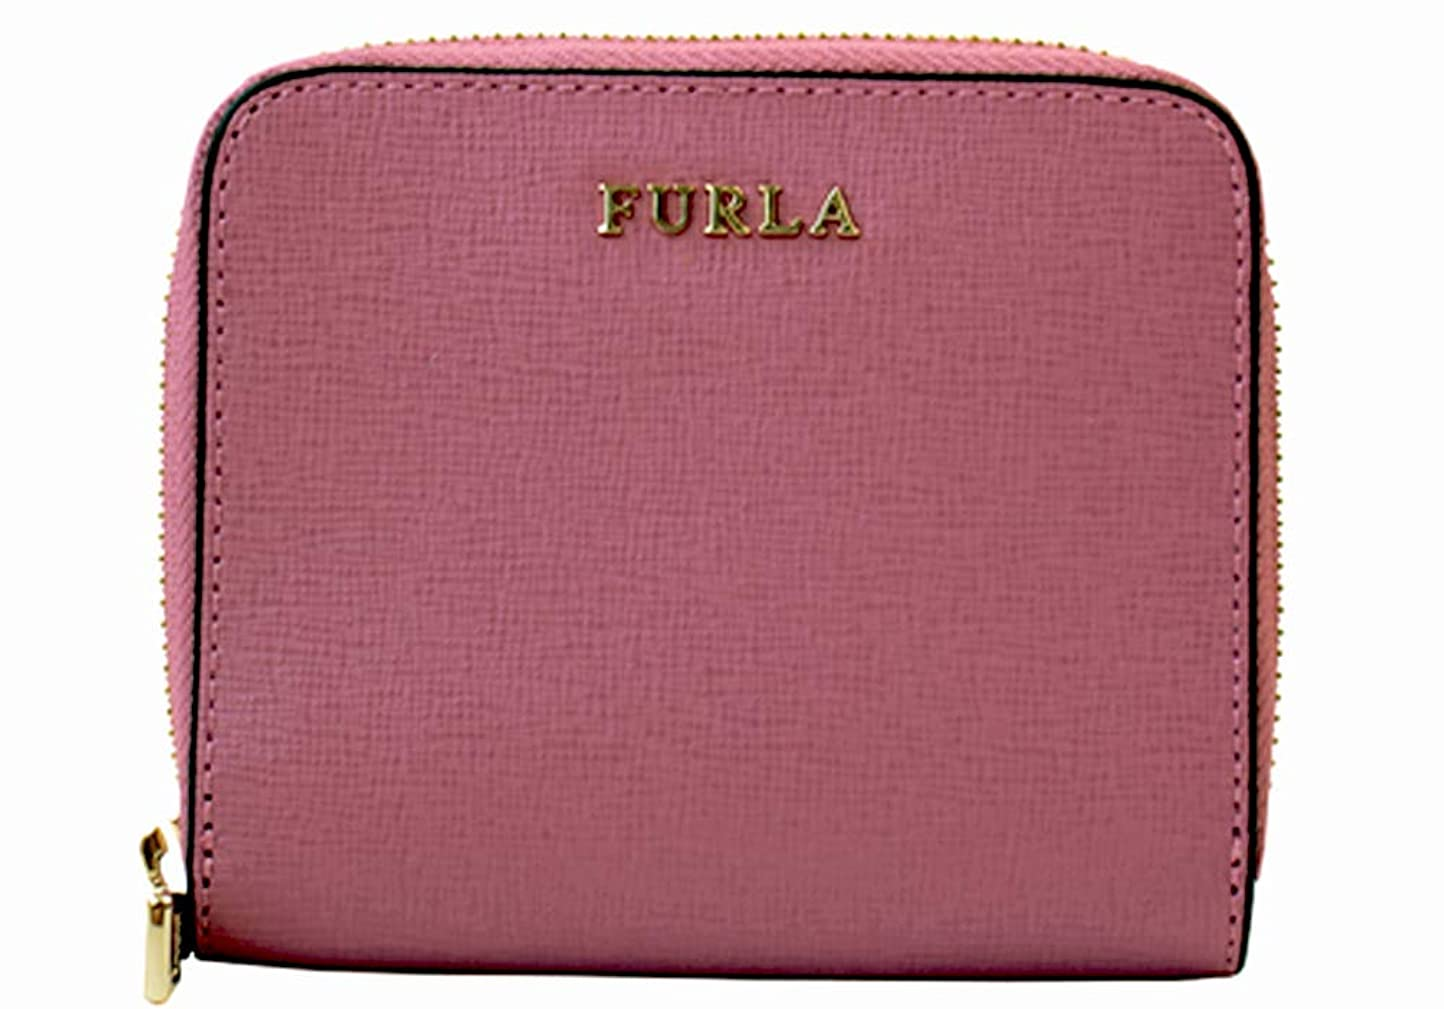 損傷操縦する年[フルラ]FRULA ラウンドファスナー二つ折り財布 2つ折り財布 BABYLON(バビロン) 992619 PR84 B30 WSF AZALEA f//992619-AZA [並行輸入品]